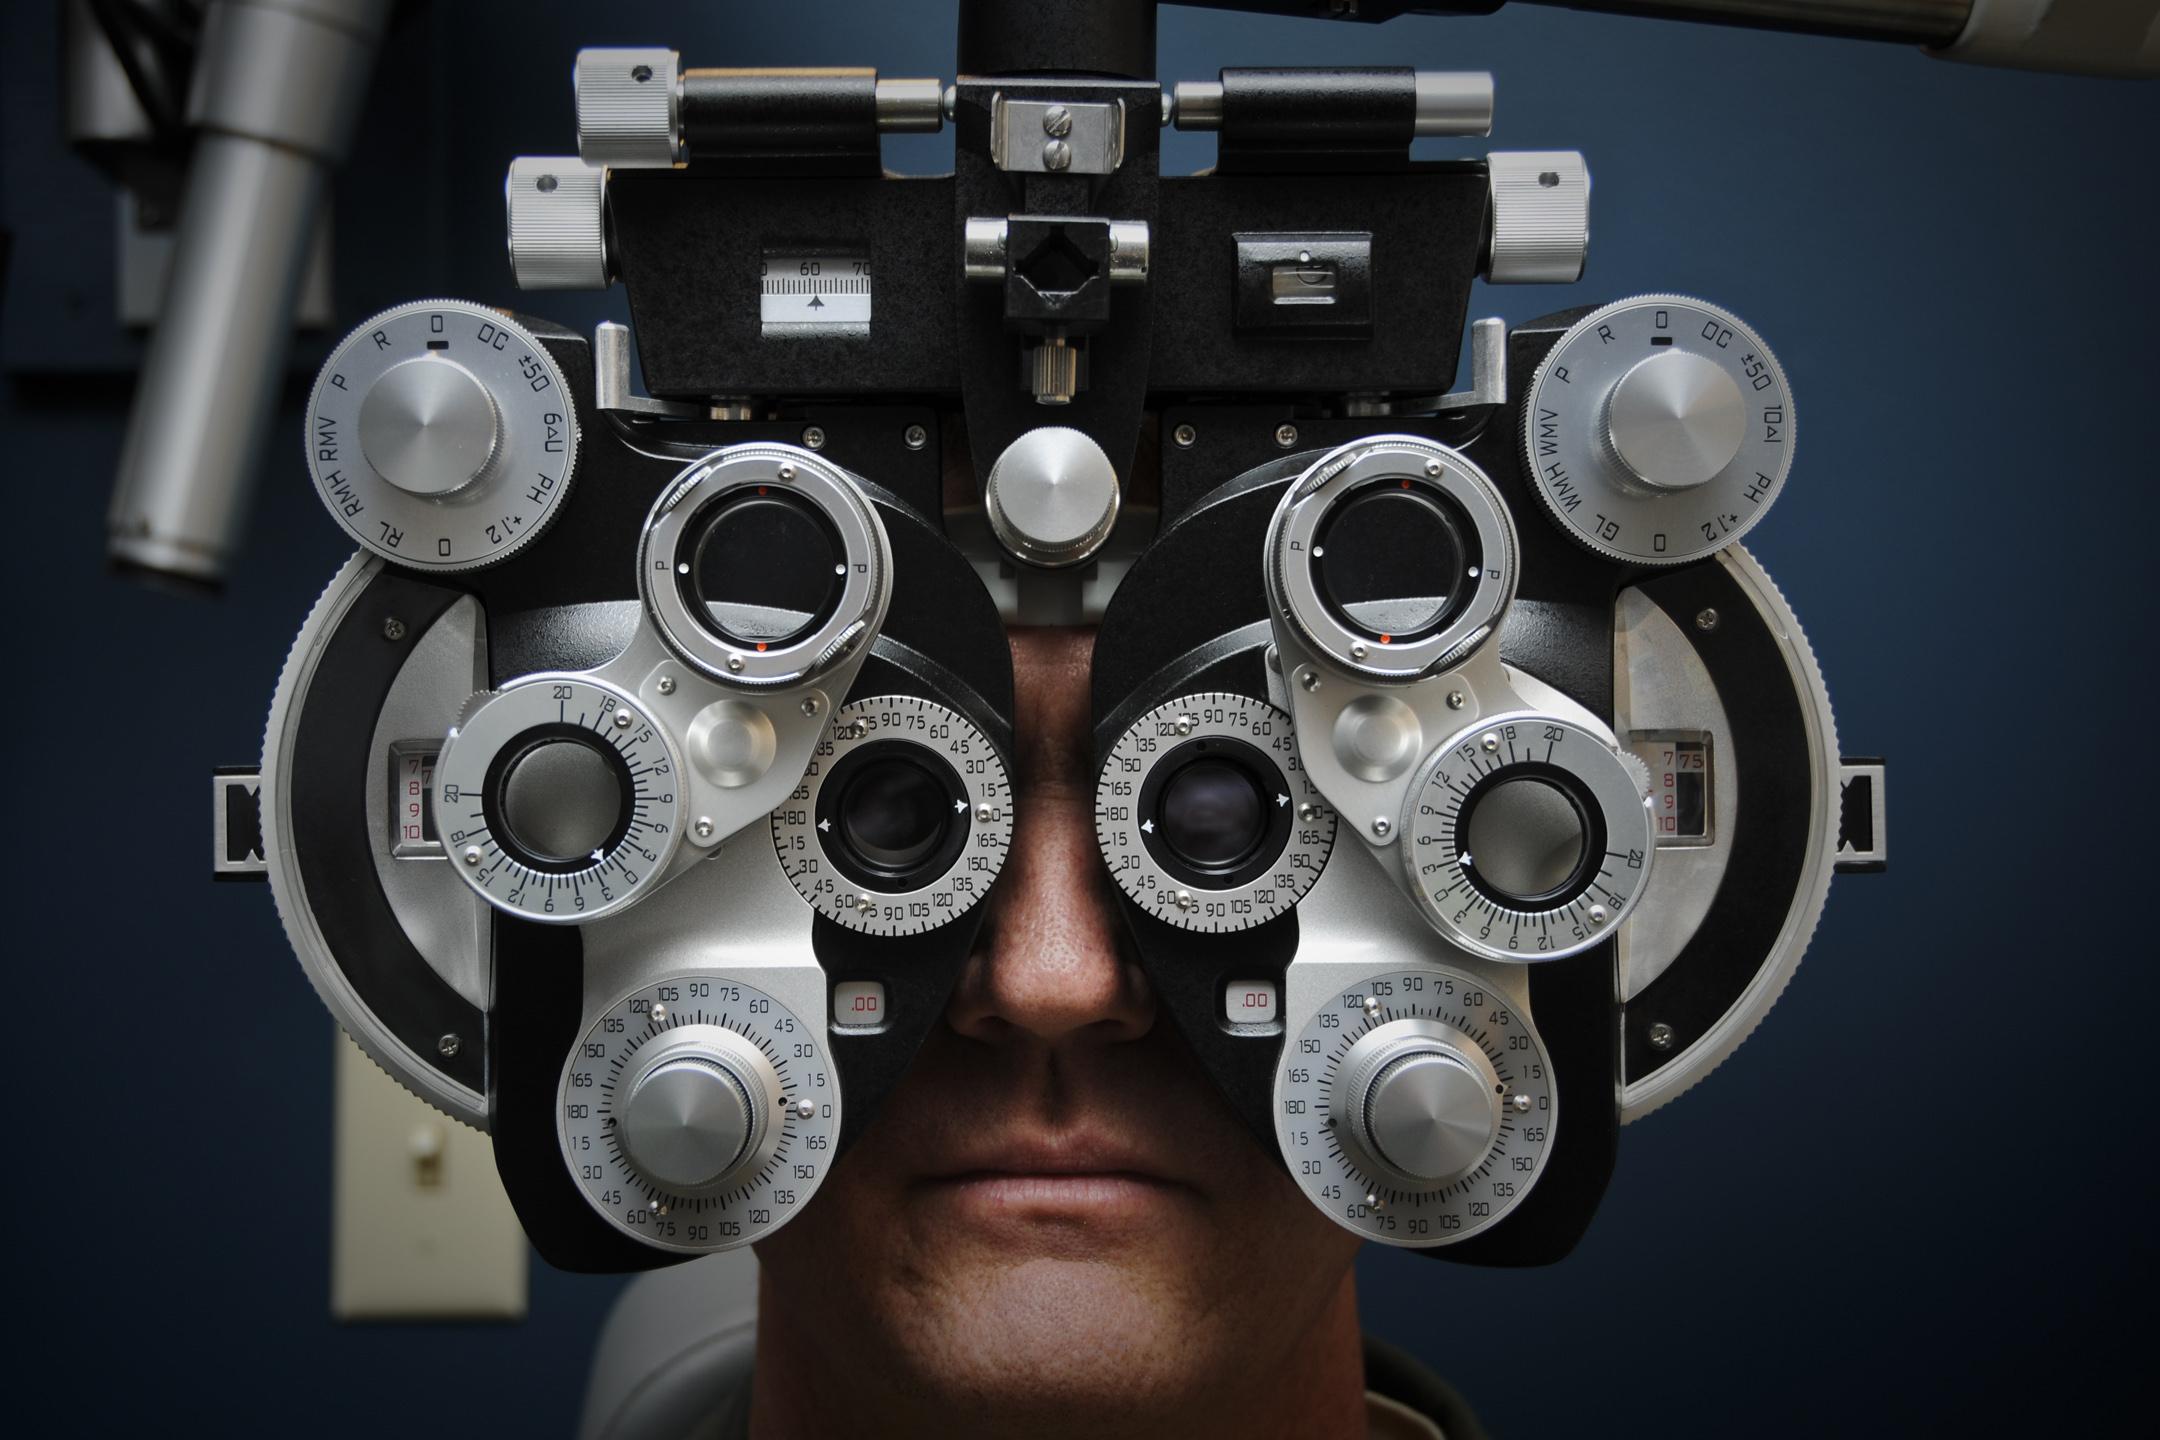 Rosszul látok? – Most mit tegyek?   Optika Plus